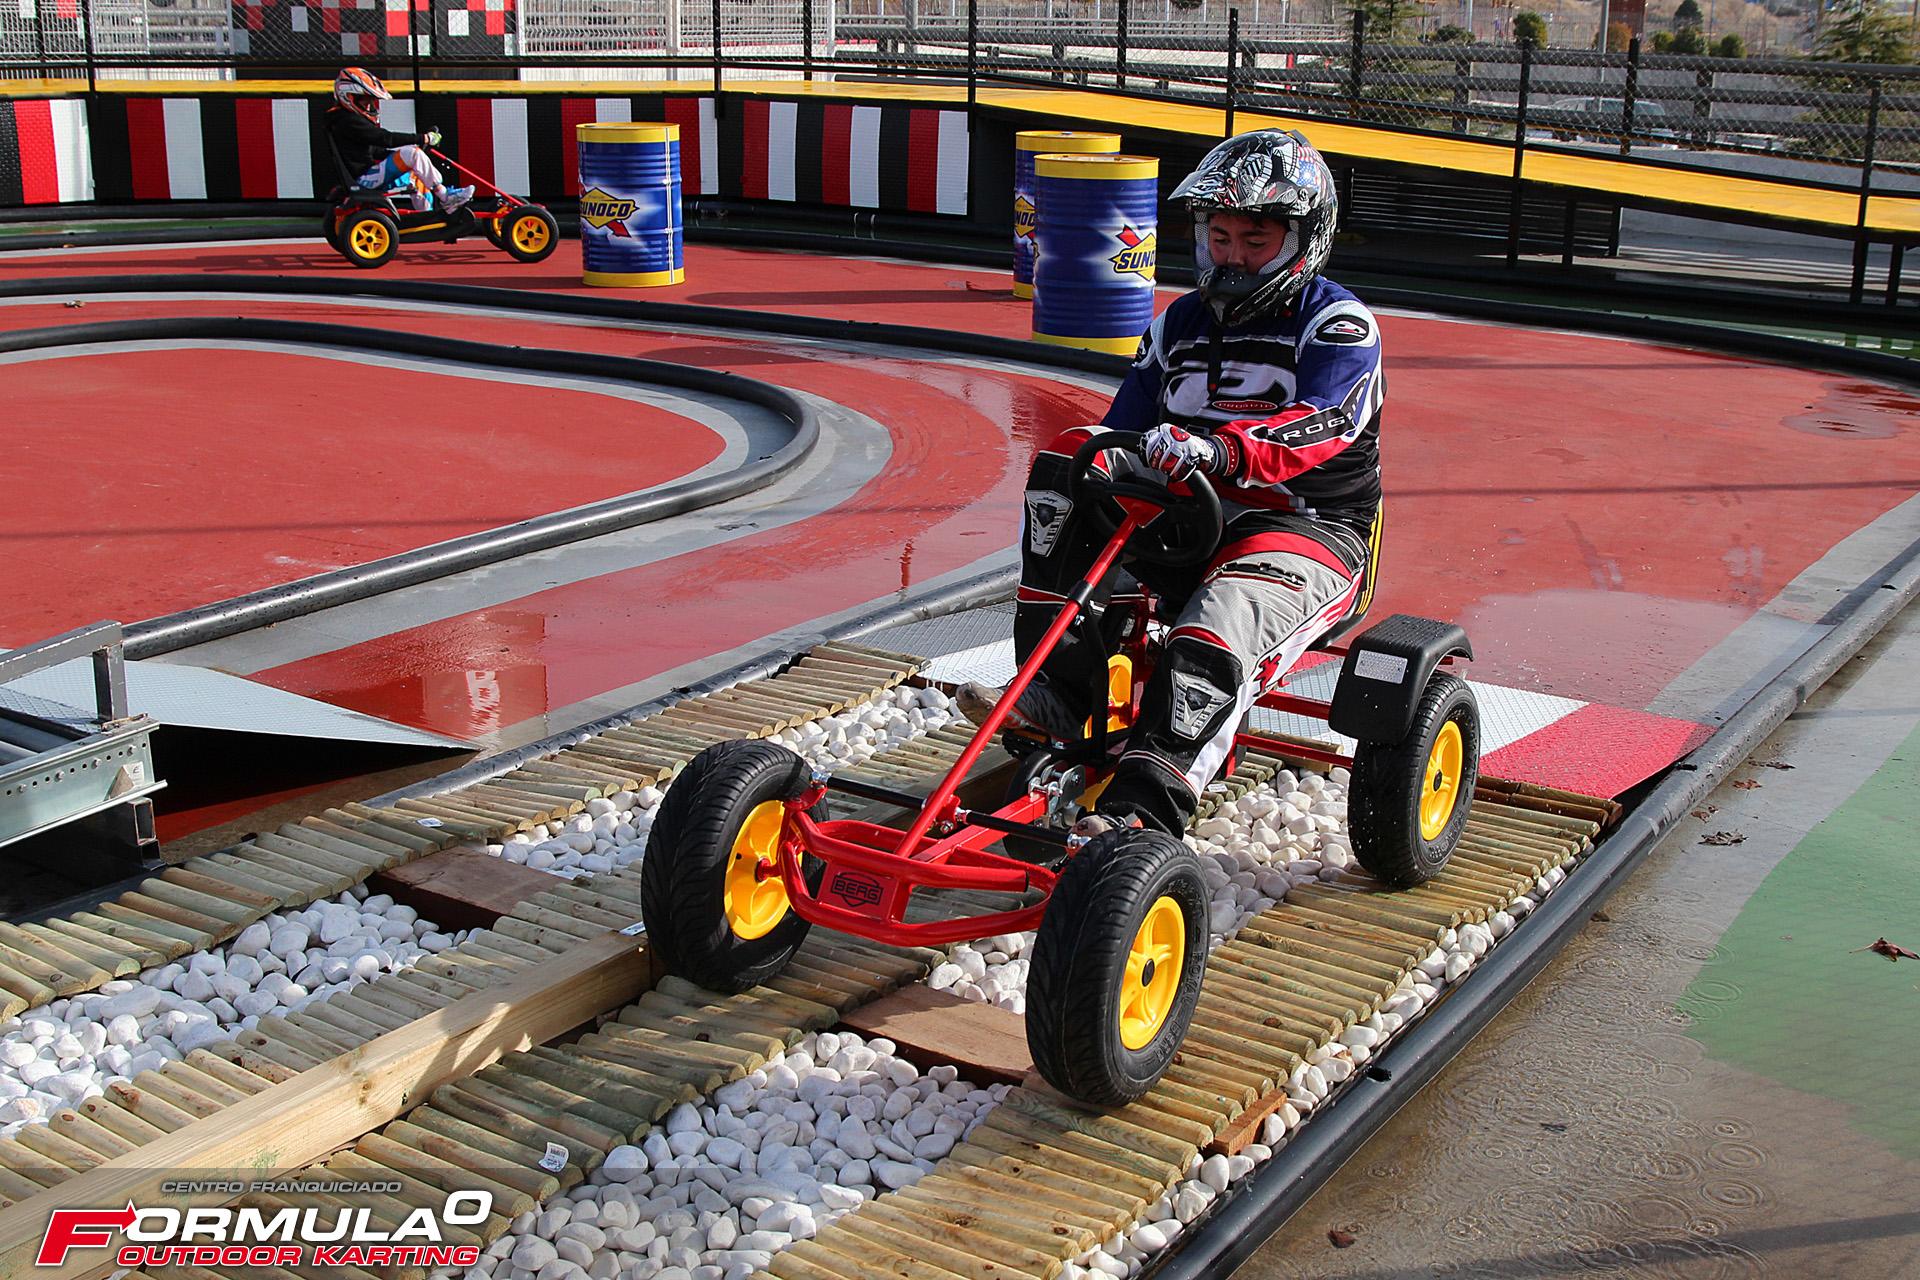 Circuito Karts : Circuito de karting de asturias siero descubre asturias